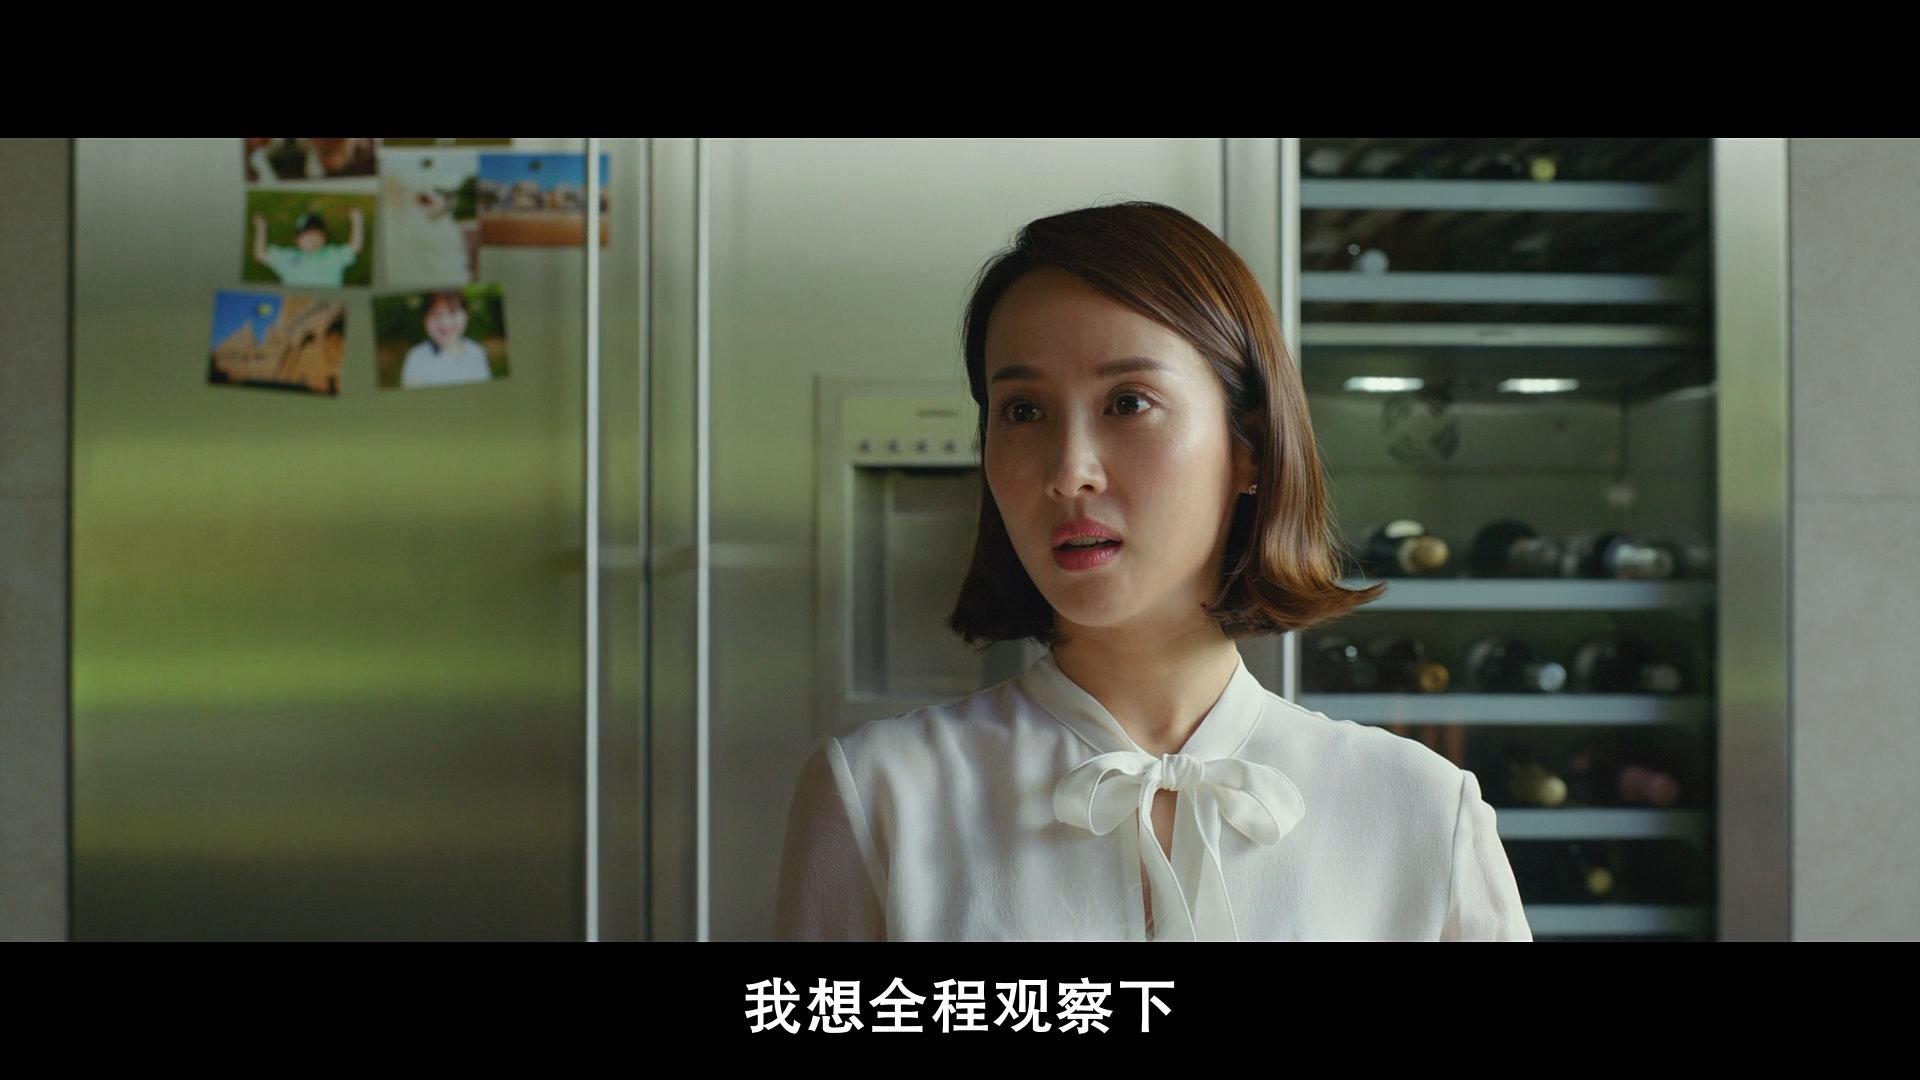 《寄生虫》 韩文中字已出 2019韩国最佳影片 豆瓣8.9分